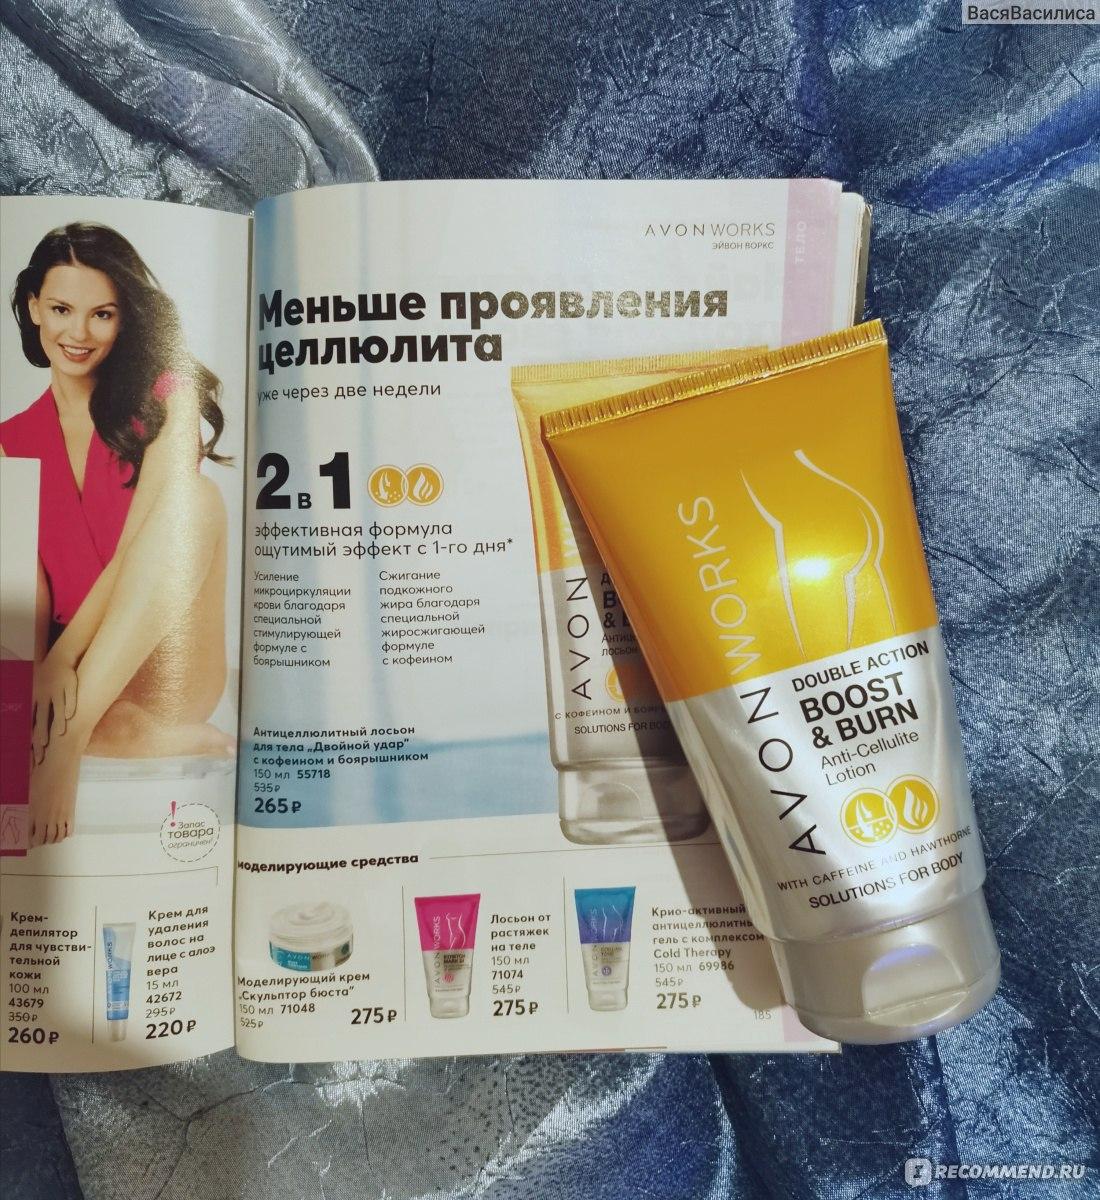 Антицеллюлитный лосьон двойной удар эйвон отзывы интернет магазин украина купить косметику